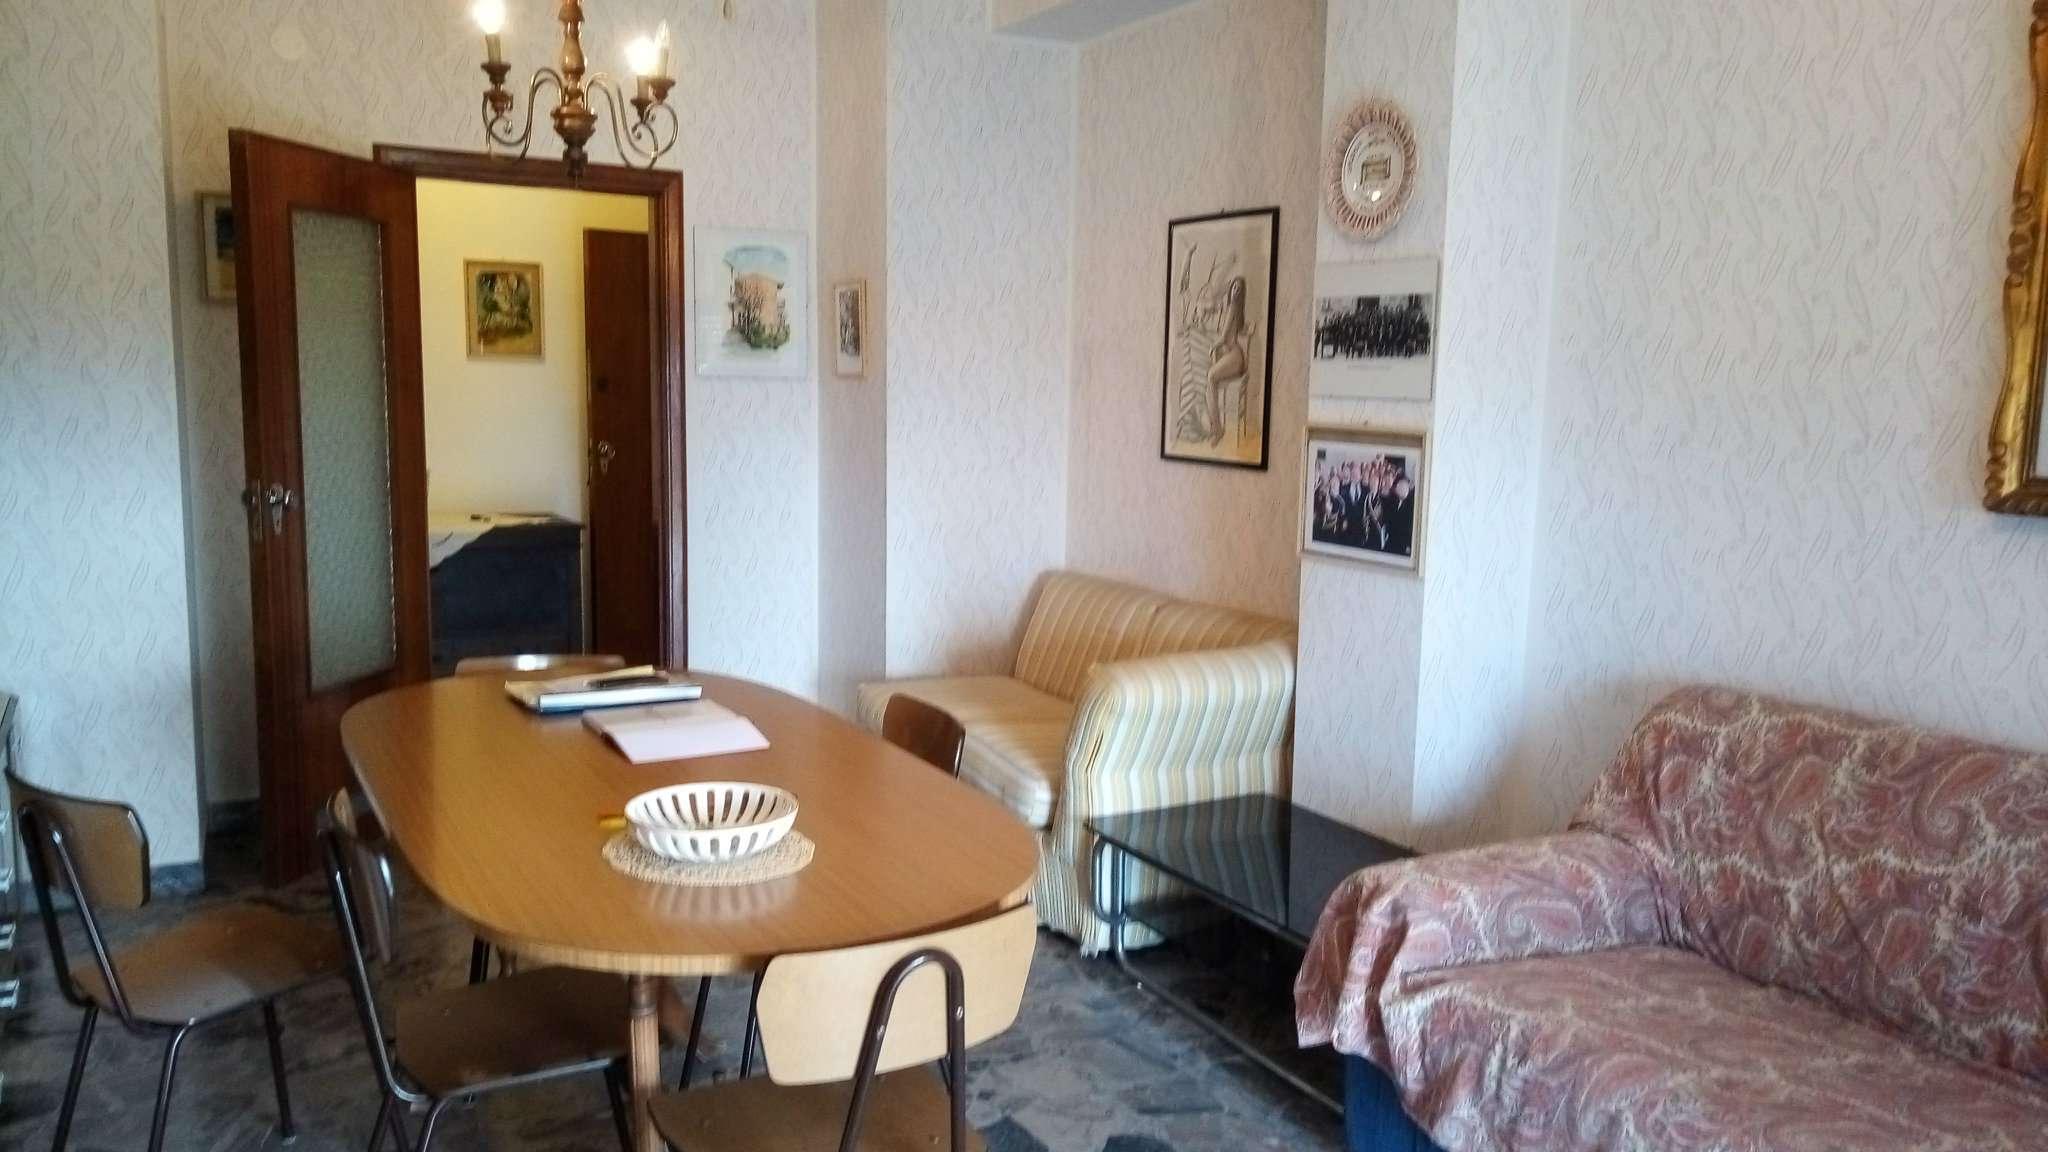 Appartamento 5 locali in vendita a Atri (TE)